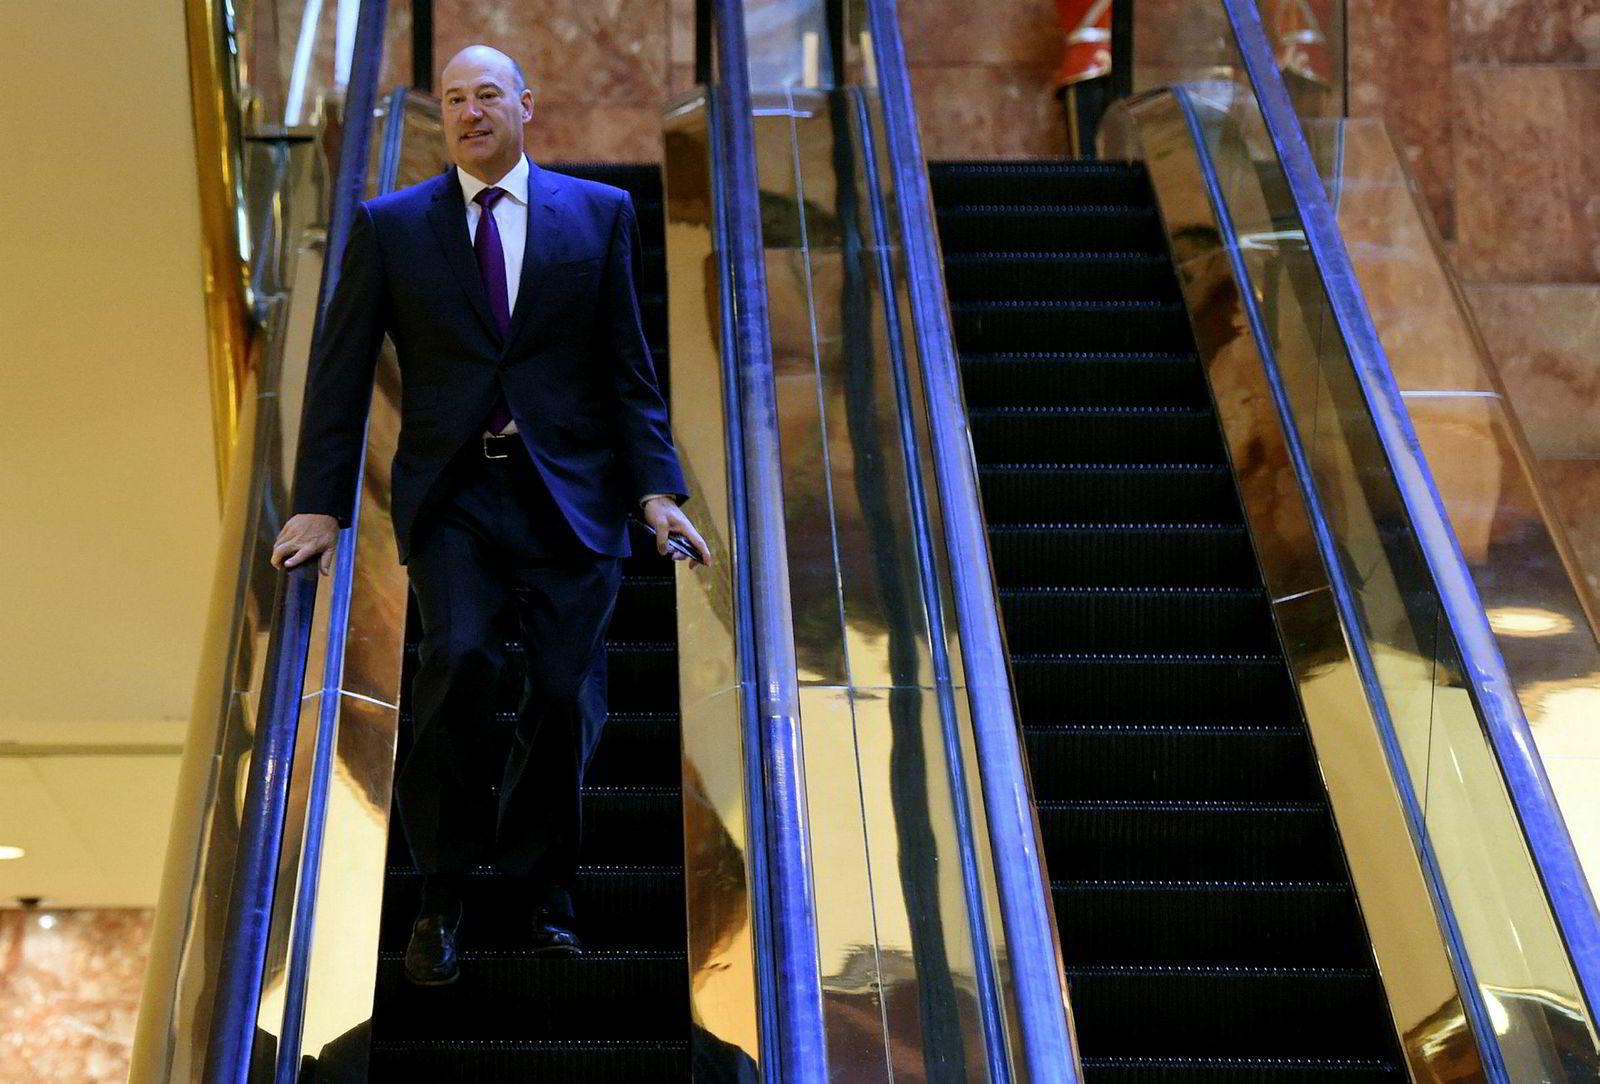 Gary Cohn er nestkommanderende i Goldman Sachs og har jobbet i banken siden 1990. Han skal lede en ekspertgruppe som skal rådgi USAs president om internasjonal og nasjonal økonomisk politikk.